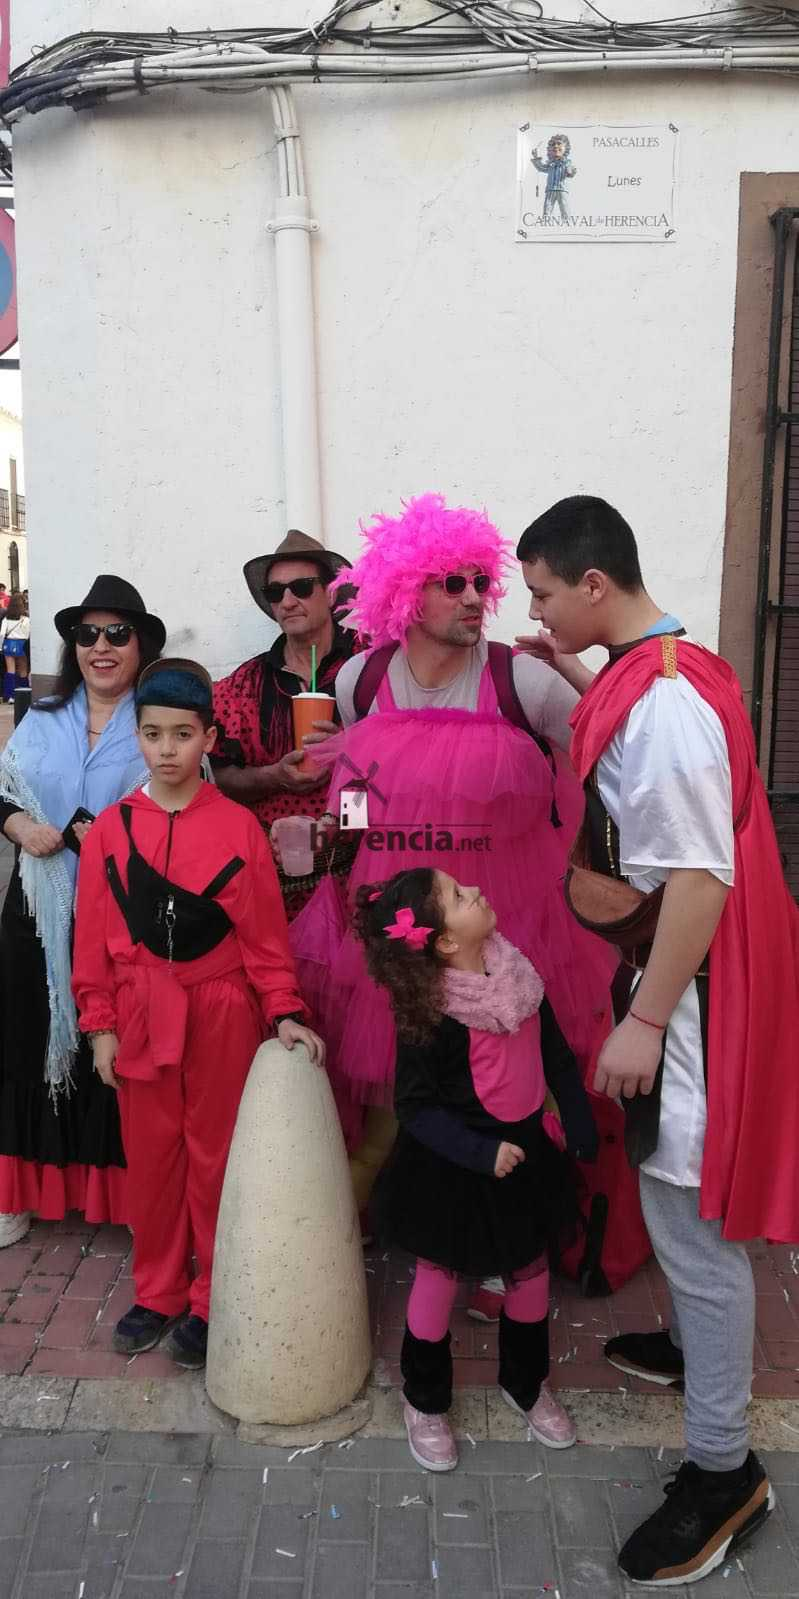 El Domingo de las Deseosas te invita al Carnaval de Herencia 2020 105